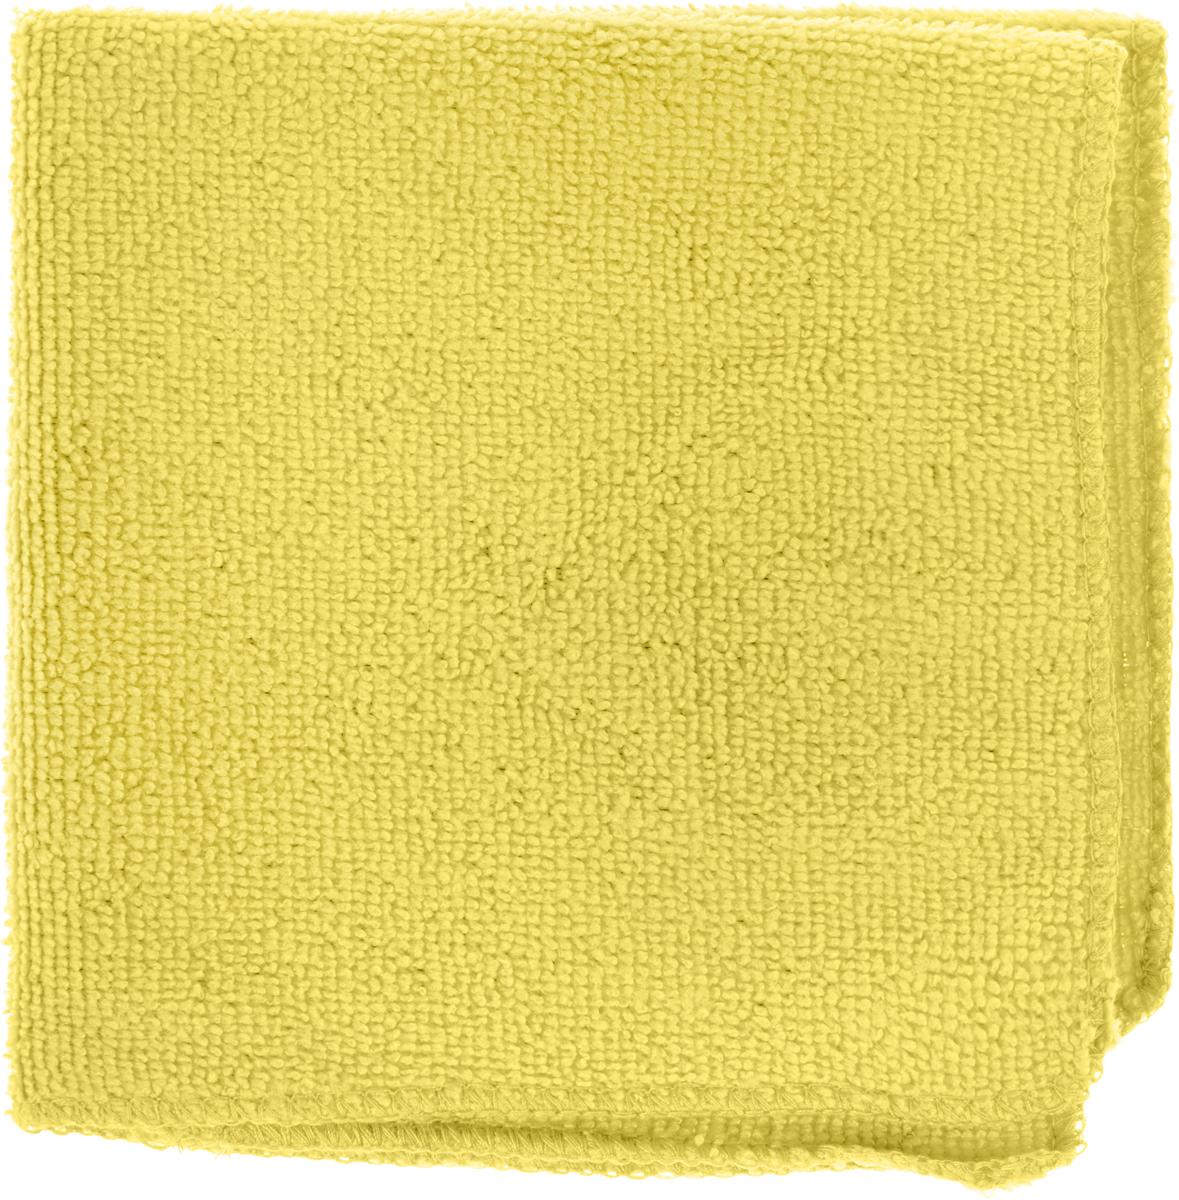 Салфетка универсальная Коллекция, цвет: желтый, 30 х 30 см. Х5СМФХ5СМФ_желтыйСалфетка универсальная Коллекция эффективно очищает, не царапает поверхность, не оставляет разводов и ворсинок. Идеально подходит сухим и влажным способом. Впитывает воду, жир и пыль. Салфетка легко стирается и быстро сохнет. Размер салфетки: 30 х 30 см.